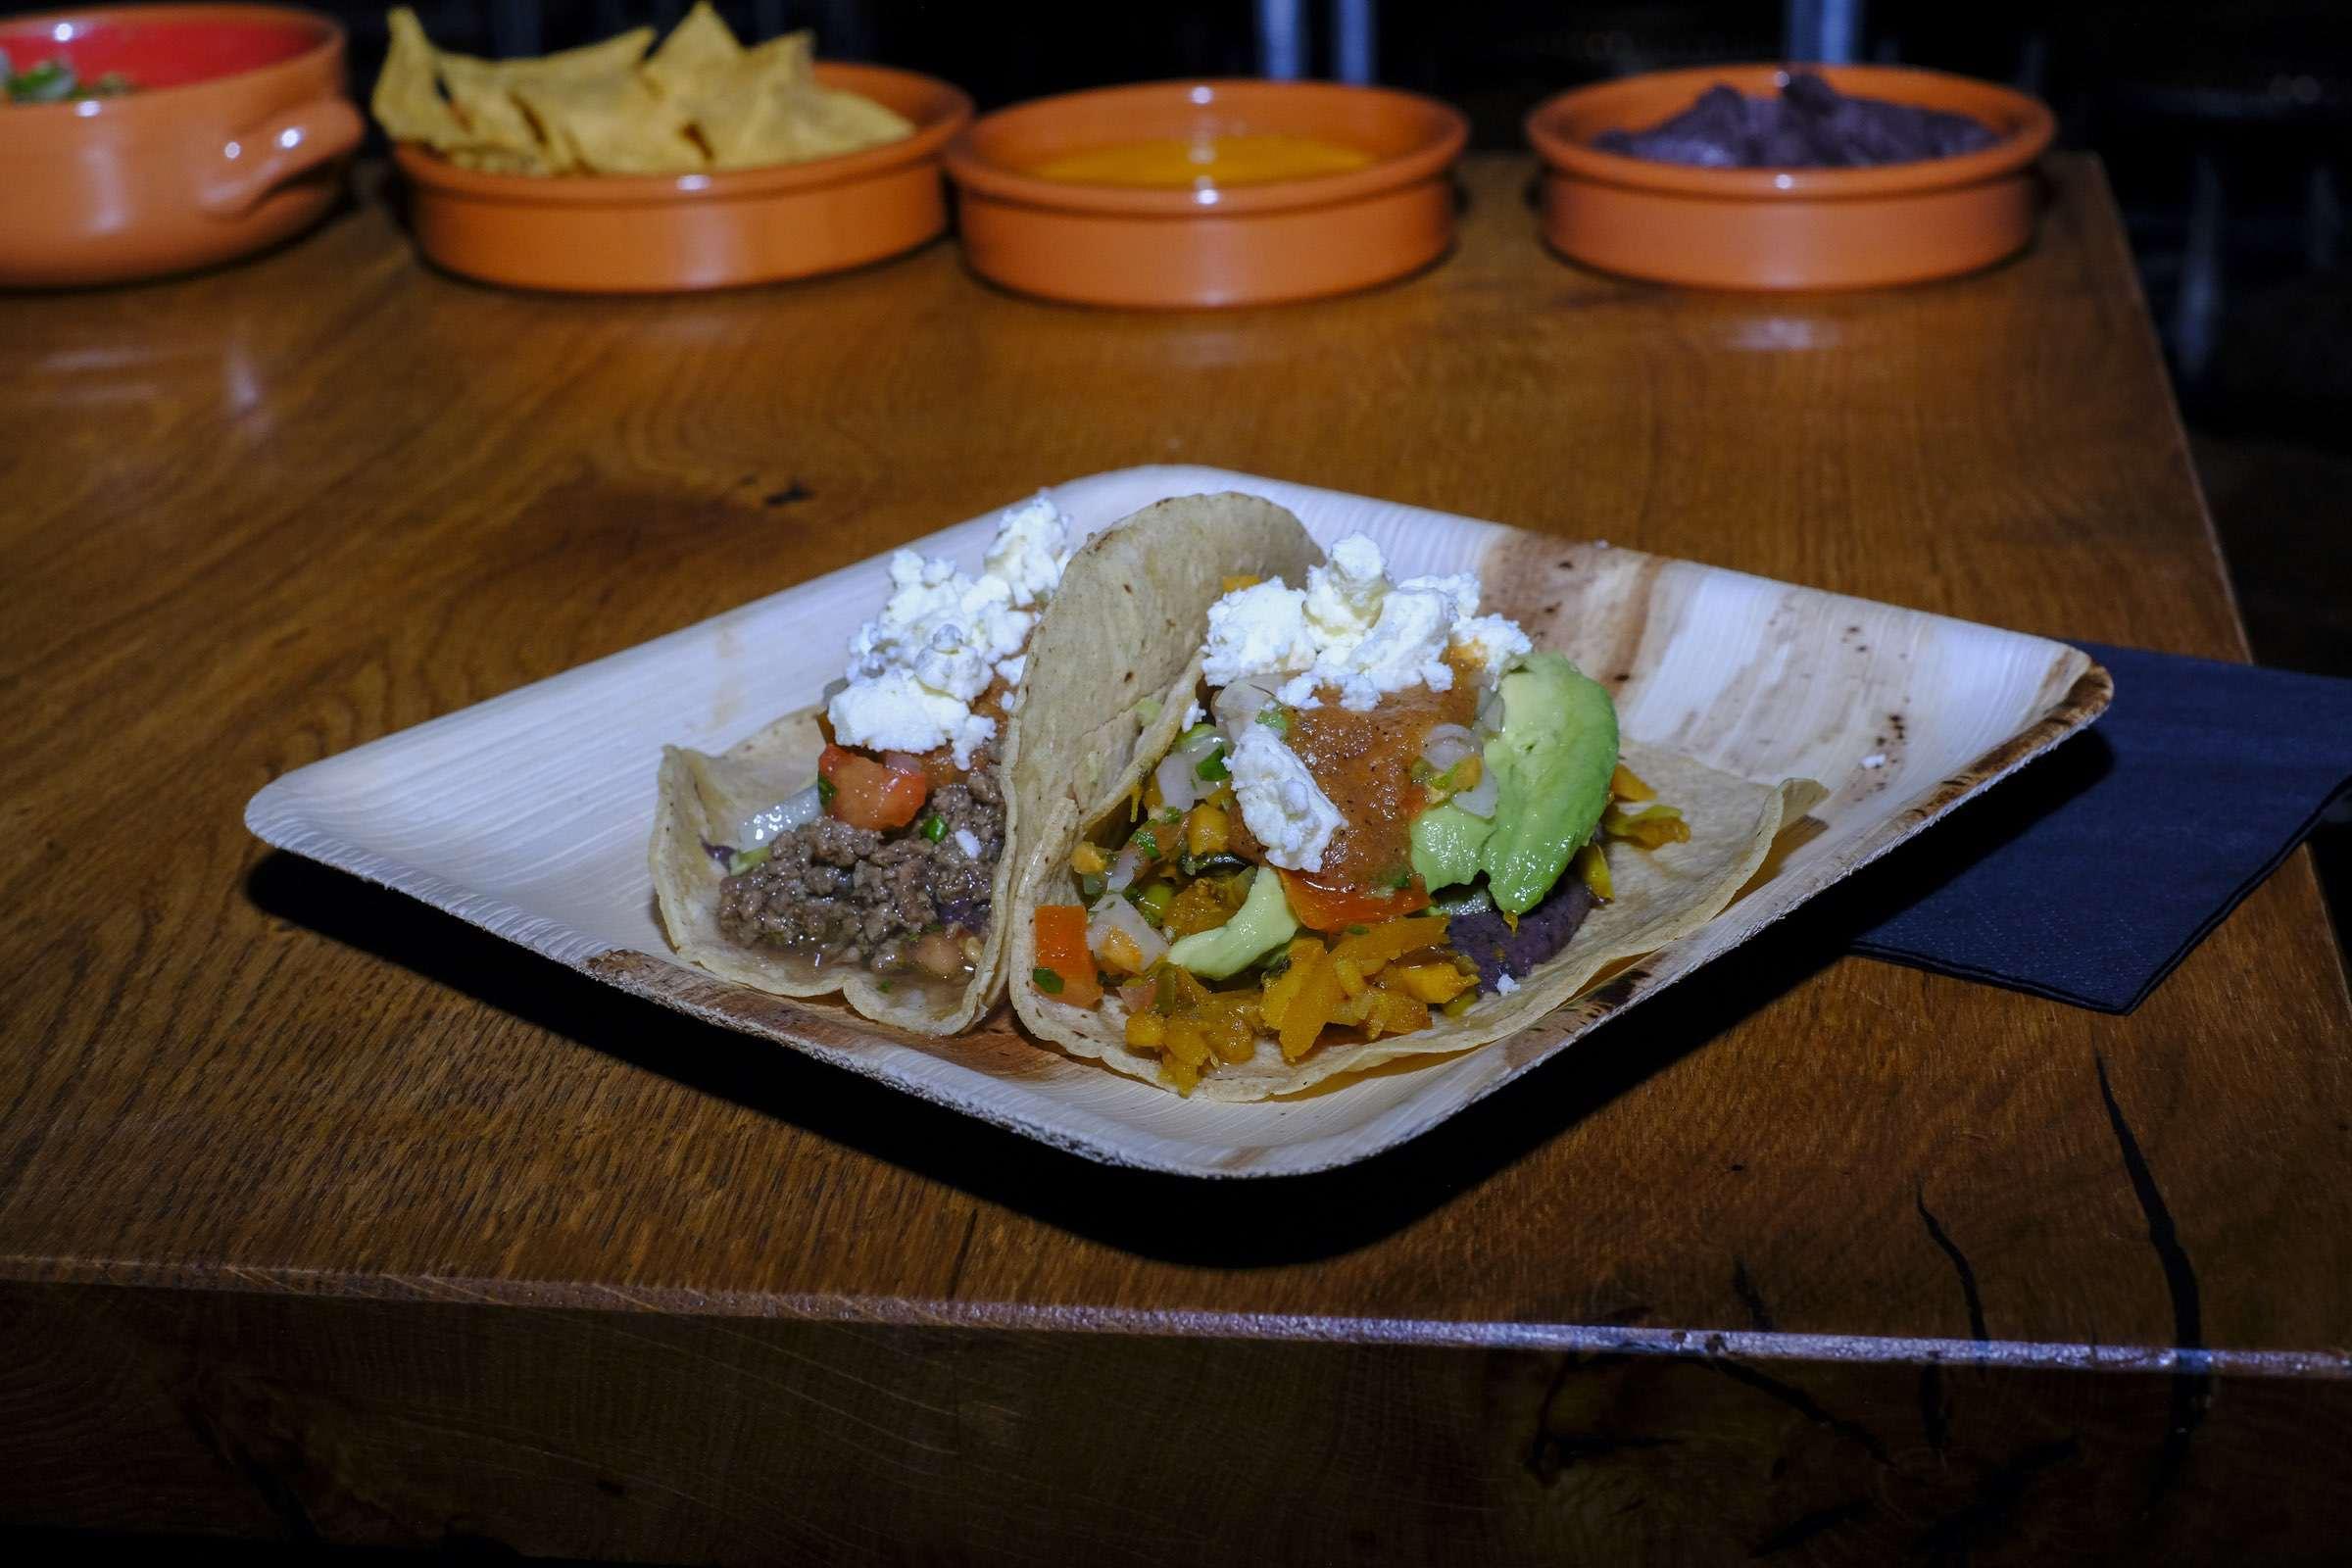 Extrem leckere mexikanische Küche von Ay Mami Buritos - Fotograf: Christoph Ris - Bildrechte Patron